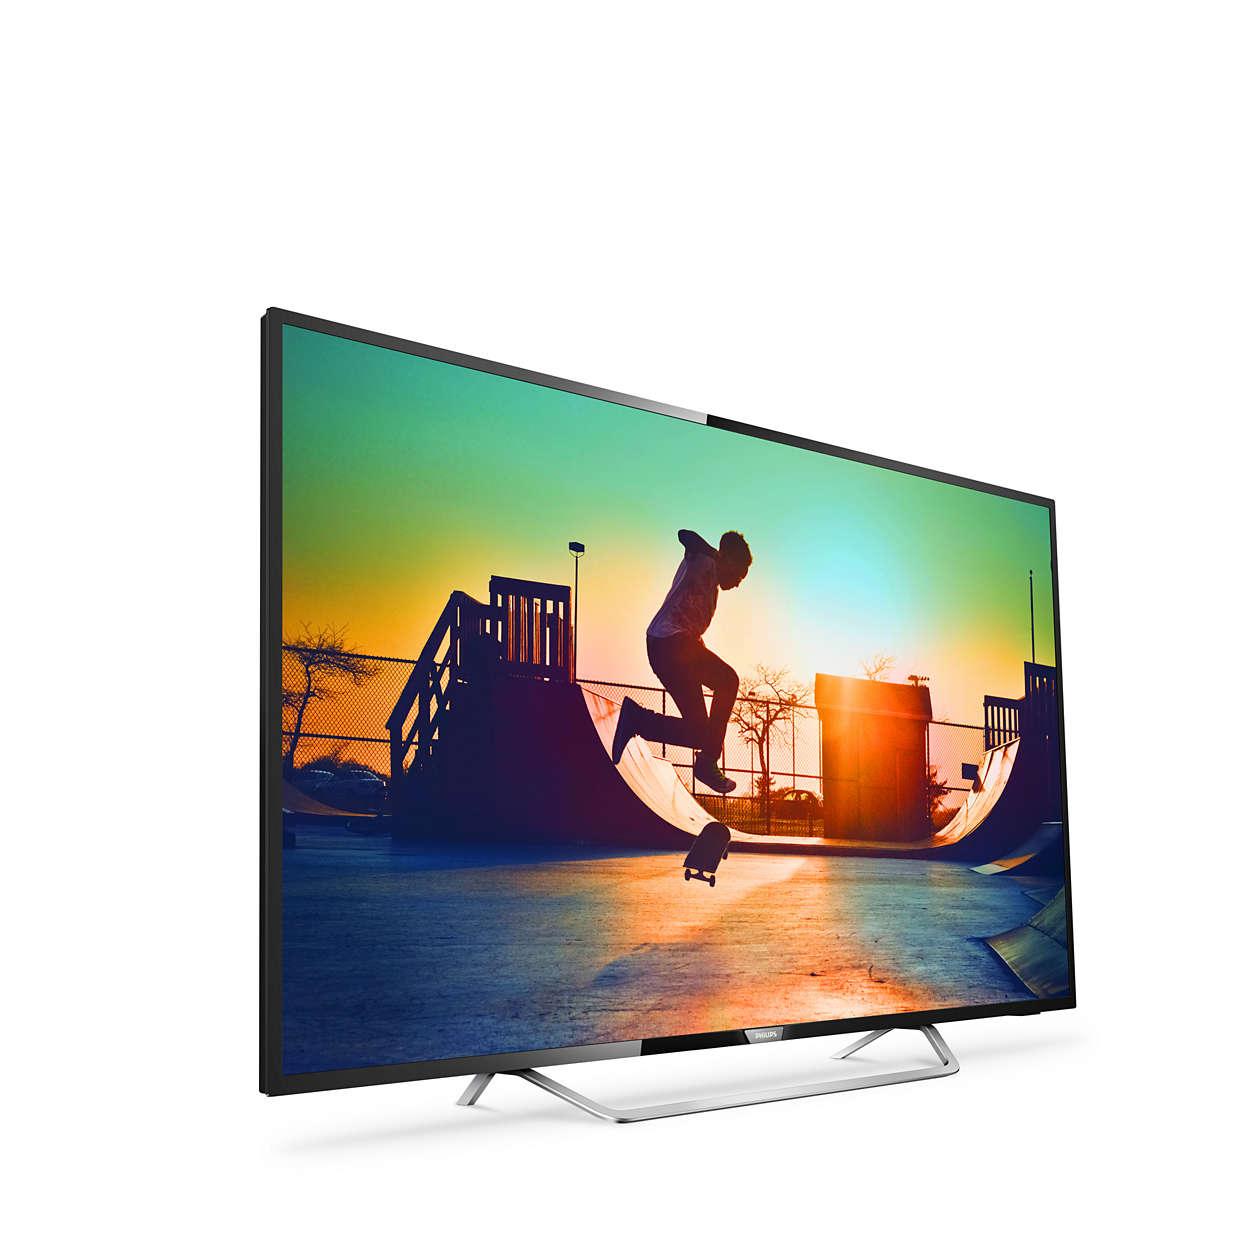 """Smart TV Panasonic 65PUS6162 65"""" Pixel Plus Ultra HD 4K LED USB x 2 WIFI Negro"""